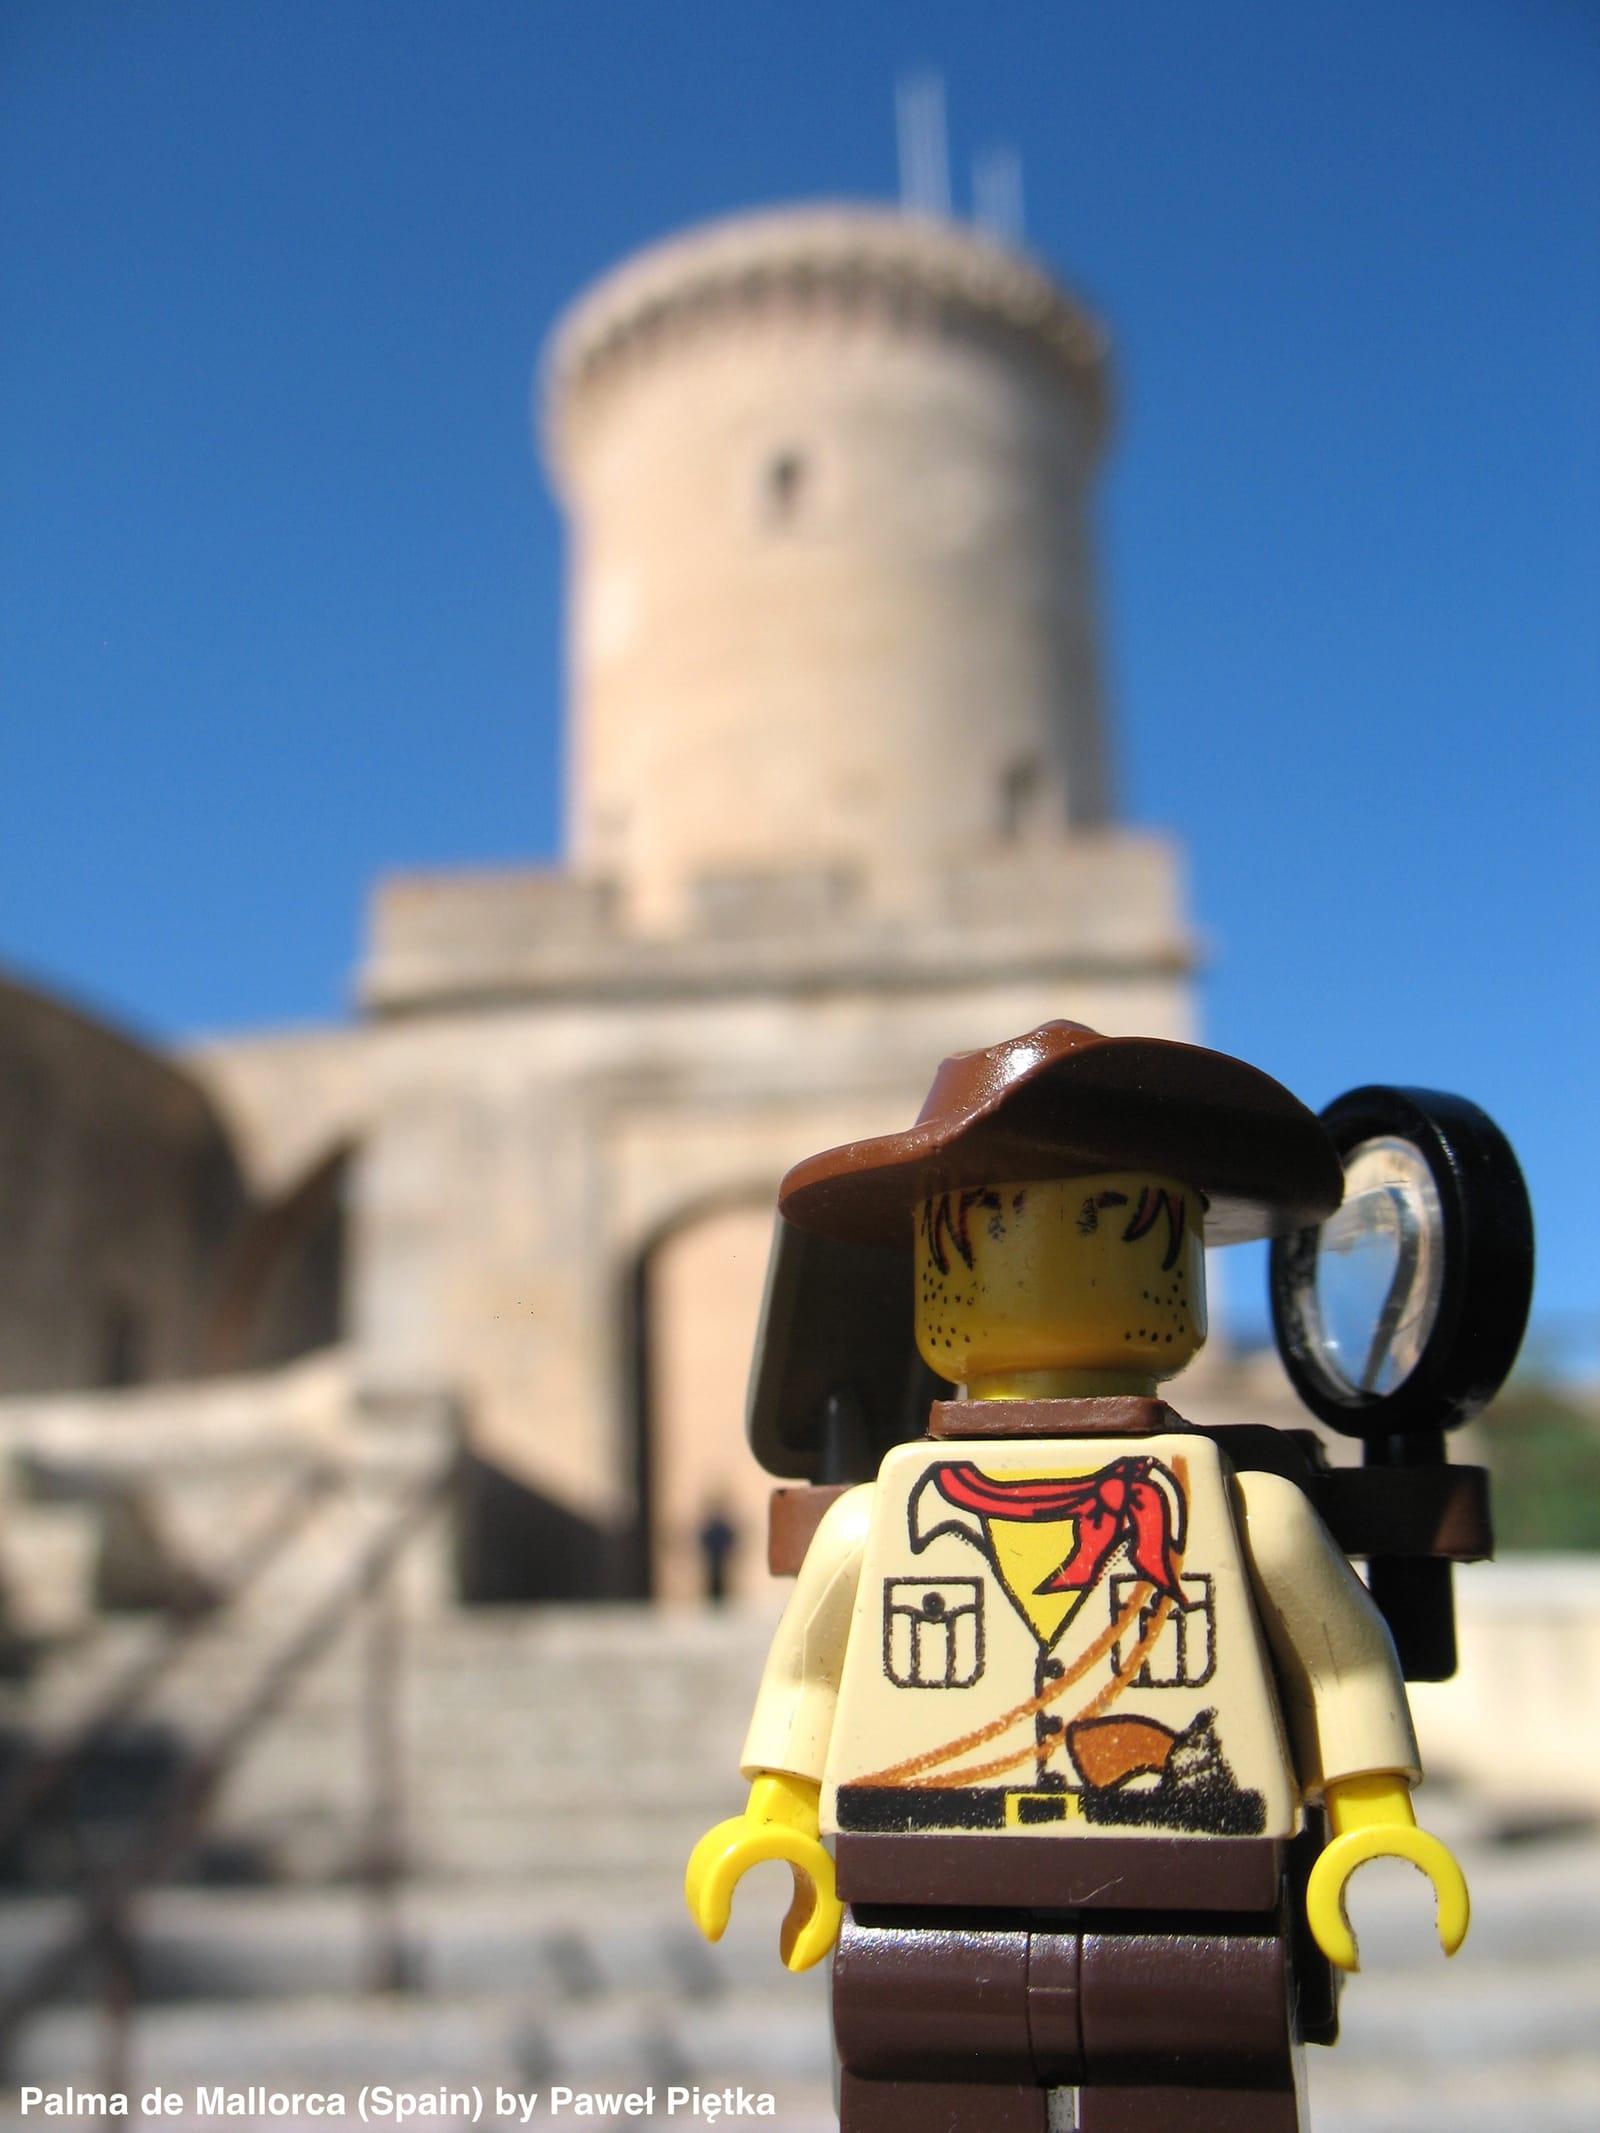 Palma de Mallorca (Spain) - Castell de Bellver